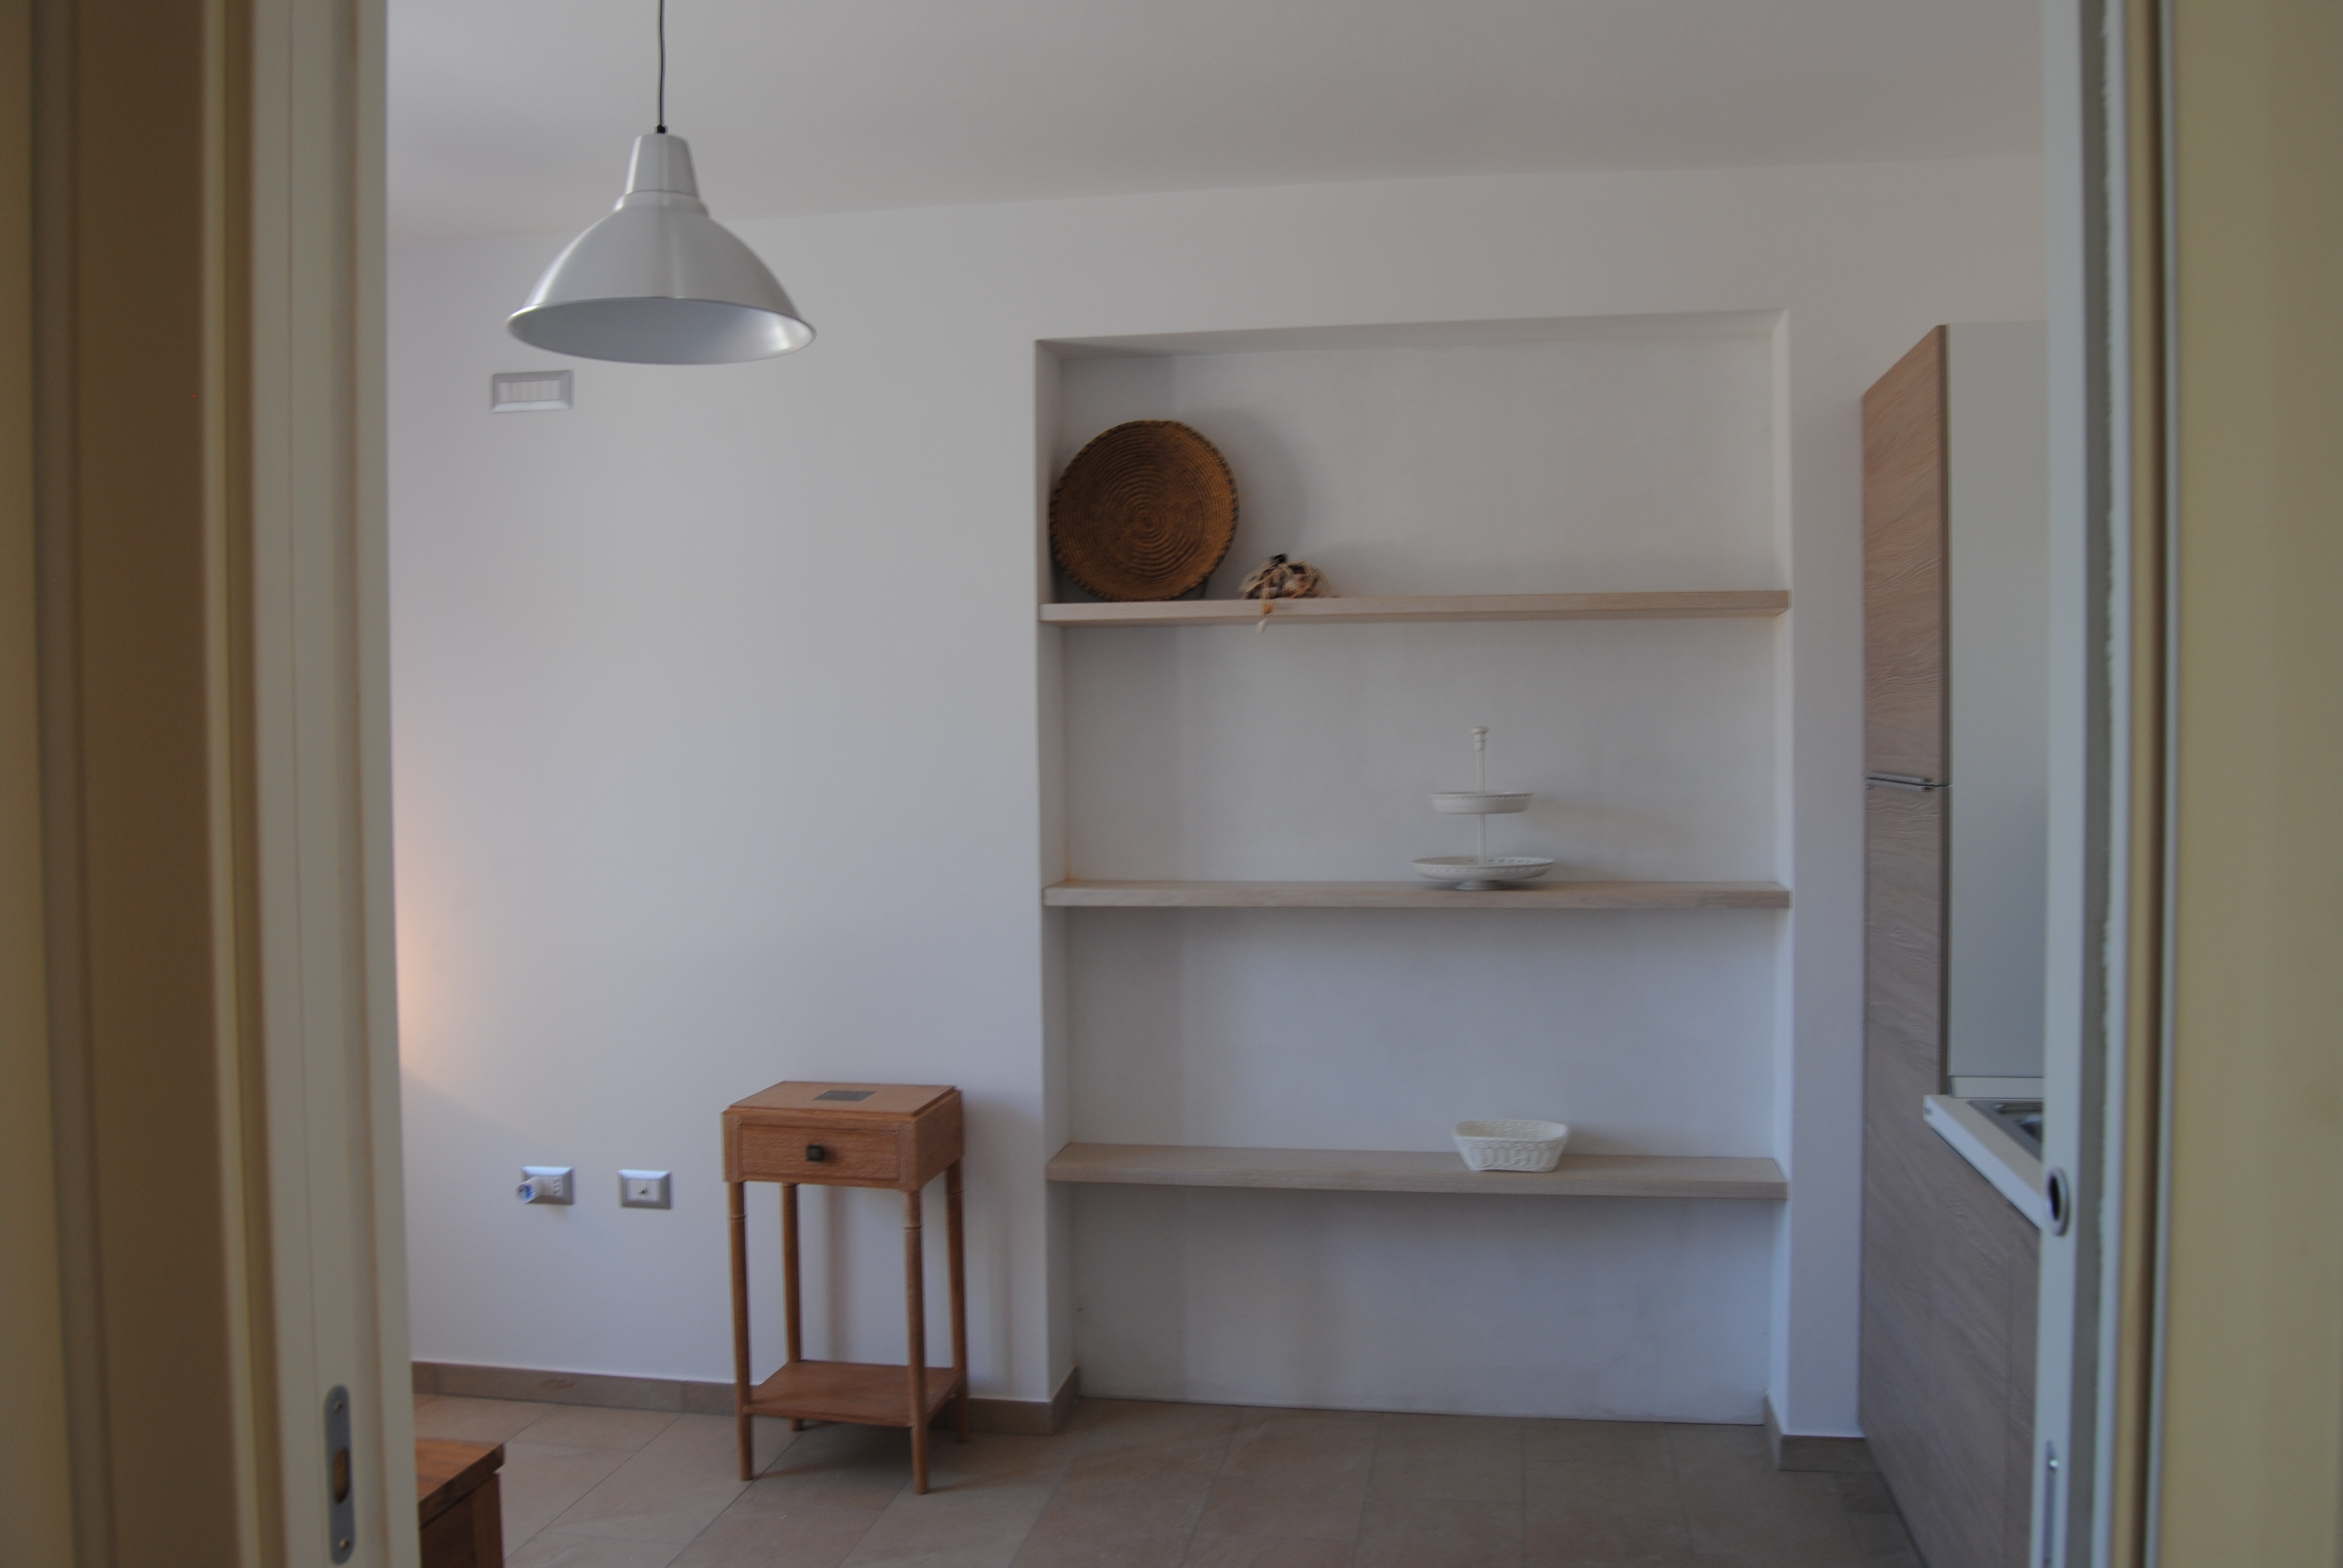 Ristrutturazione- dopo -edilizia-edil proget-opere edili-cucina 1-Tertenia